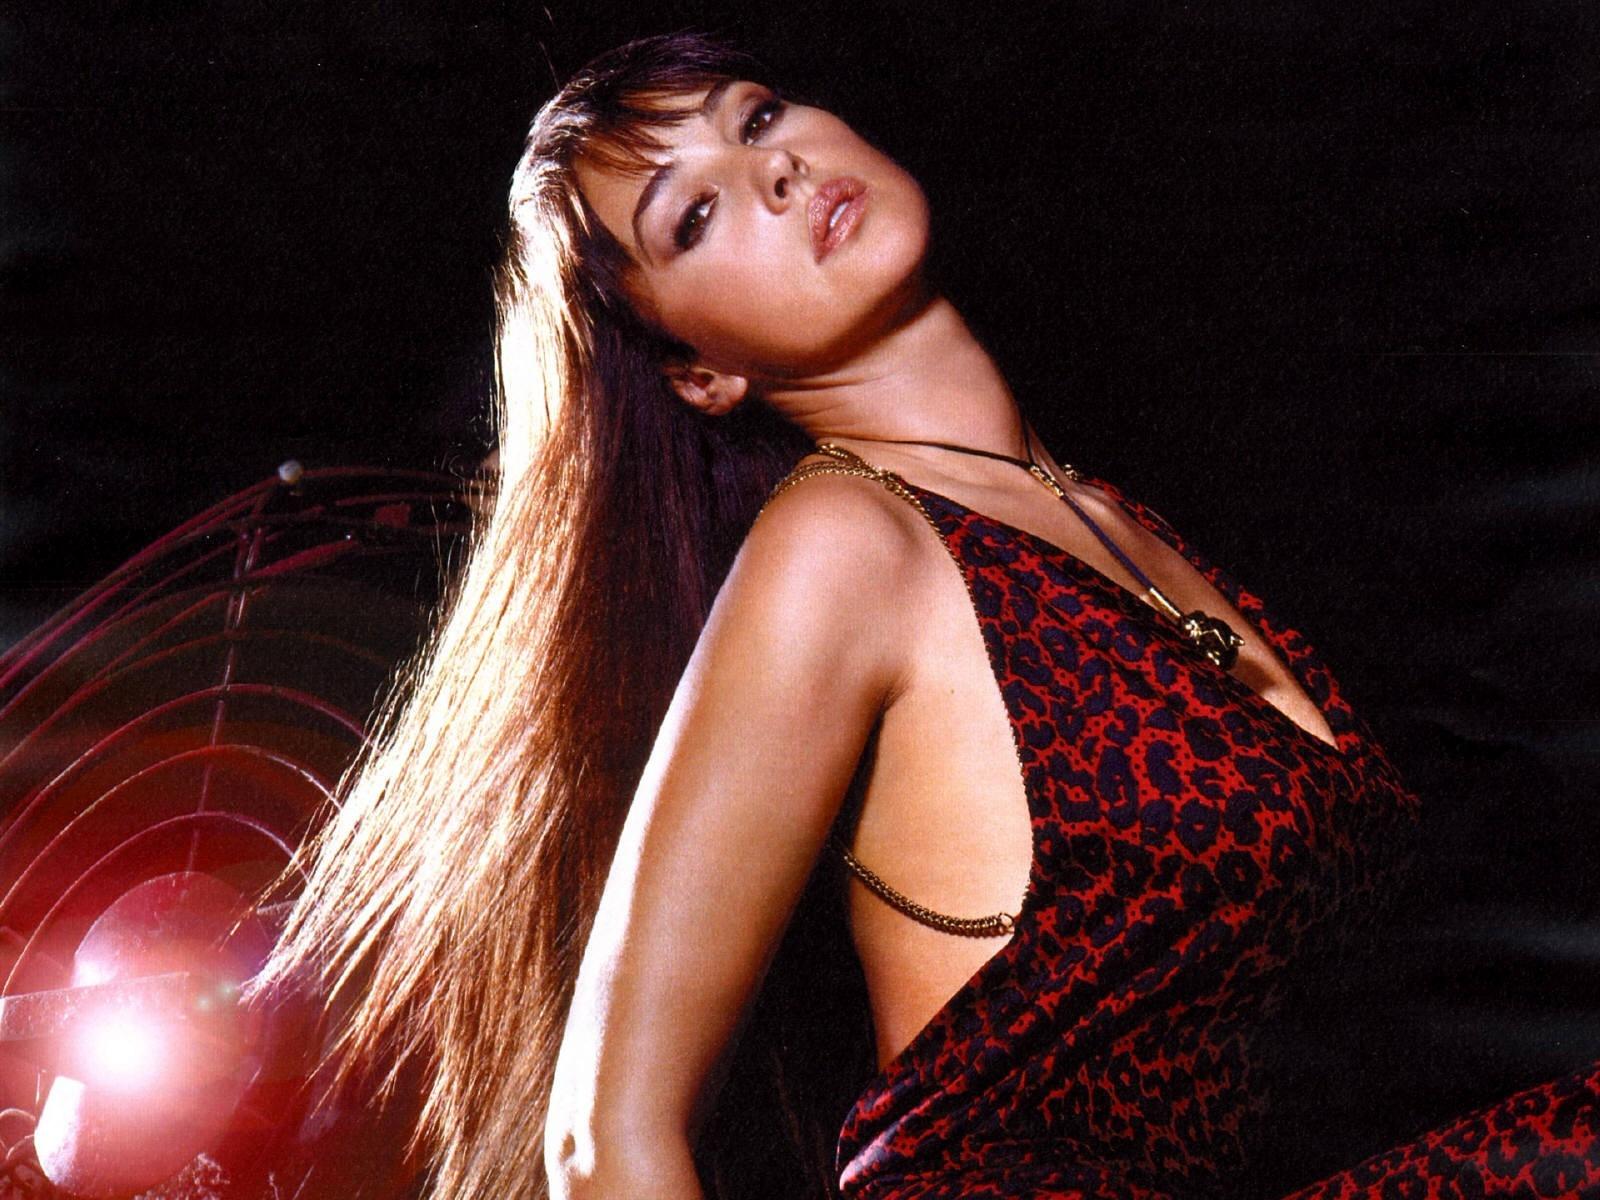 Wallpaper: seduzione in rosso per Monica Bellucci